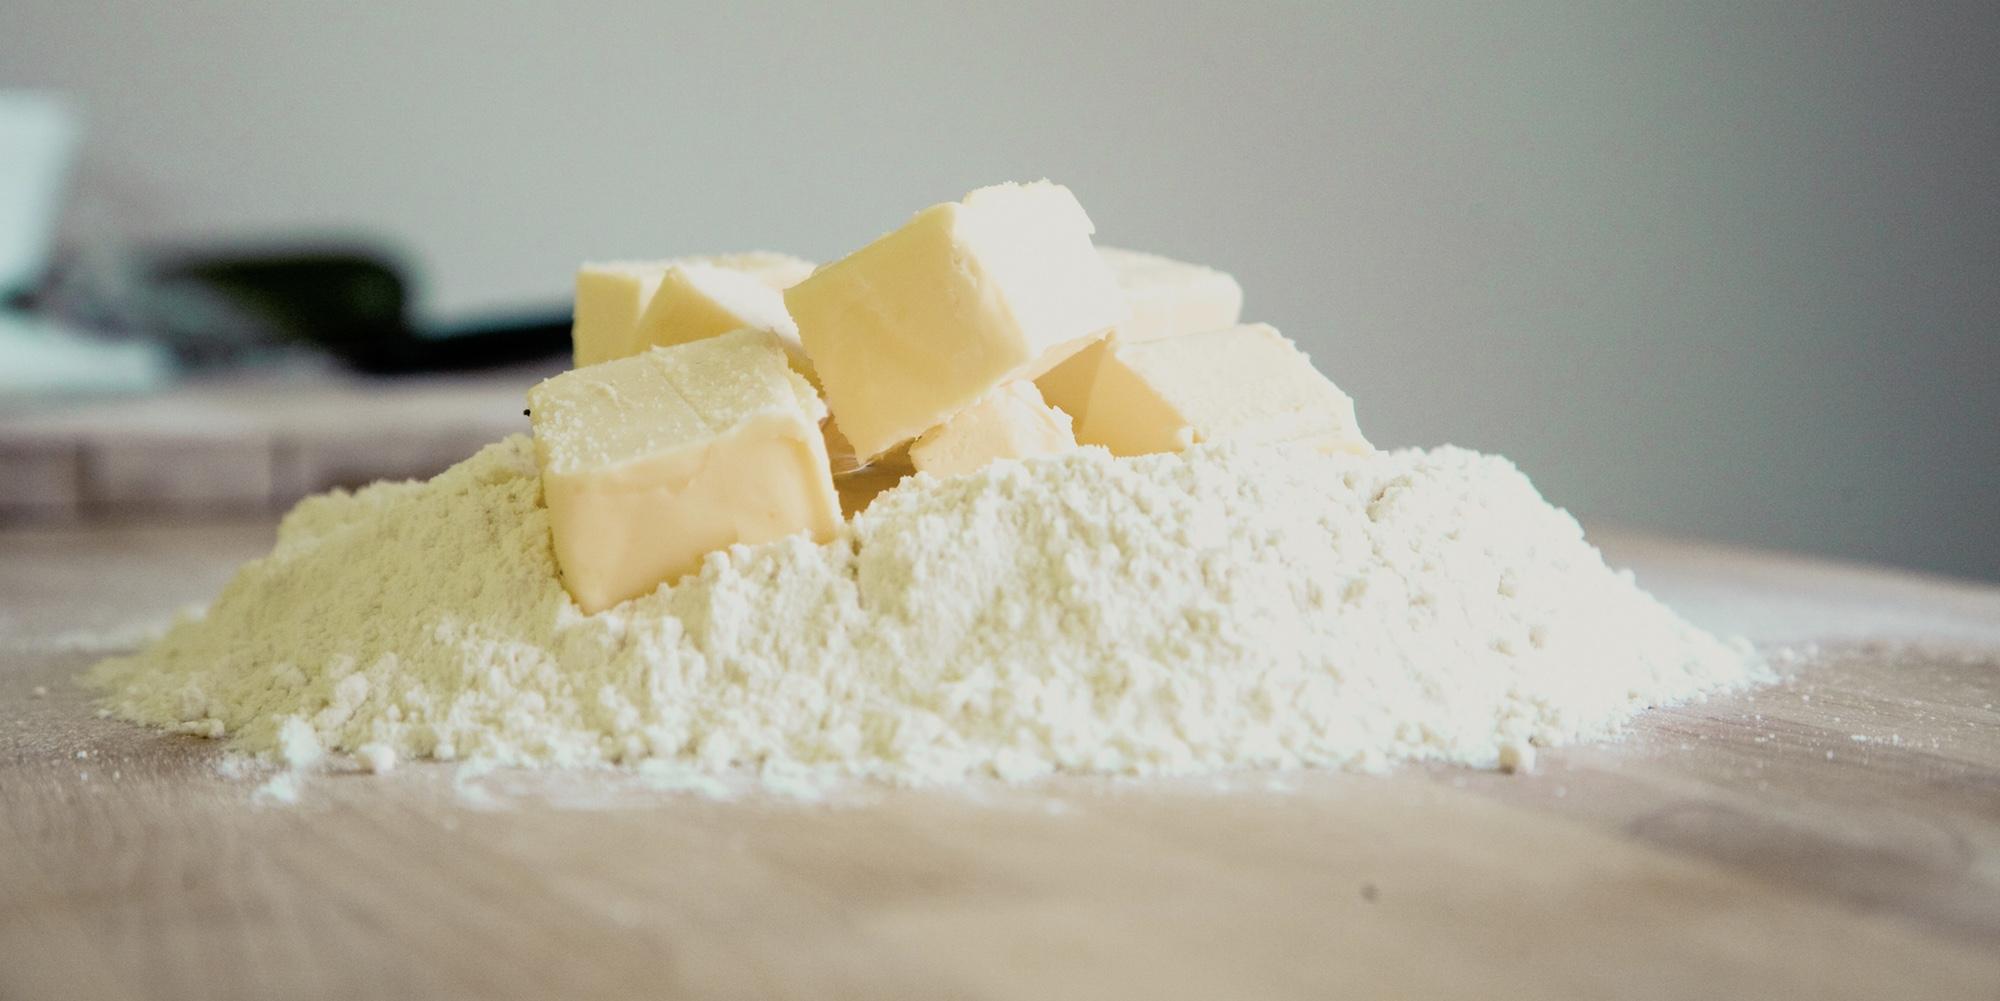 Foto: Butter, Mehl und andere Zutaten für das Backen von Cookies